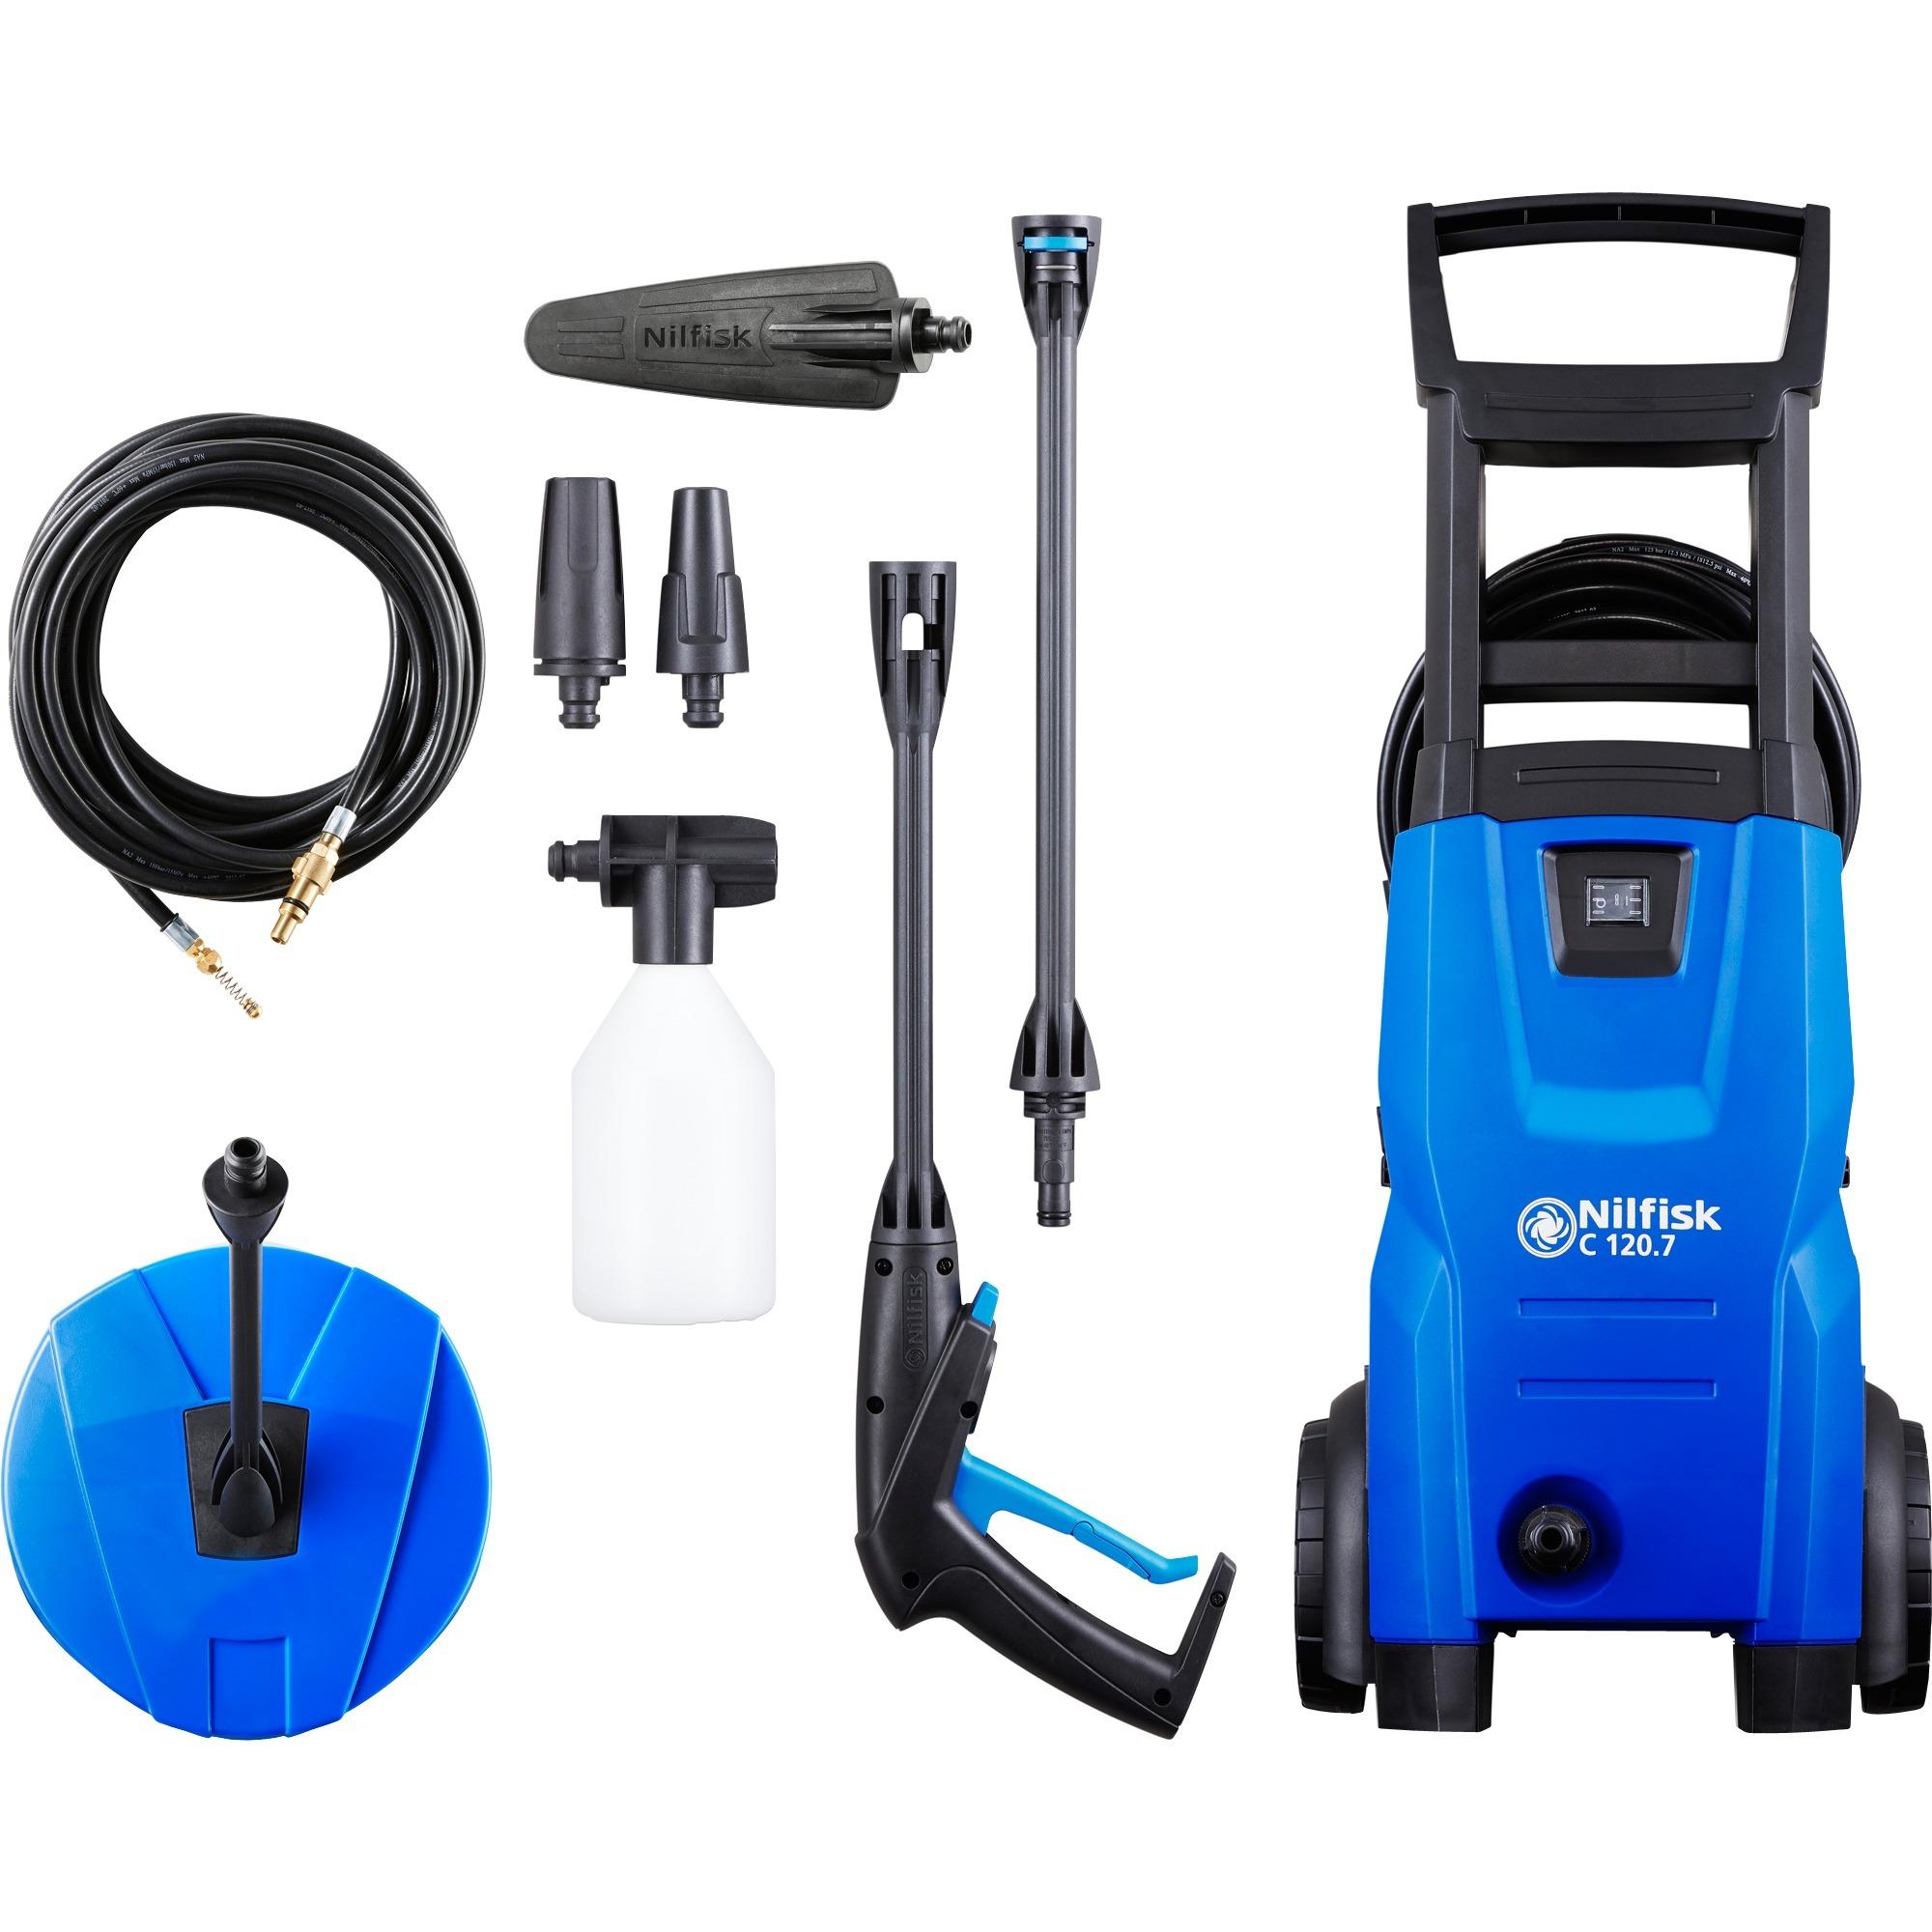 C 120.7-6 PCAD EU Limpiadora de alta presión o Hidrolimpiadora Vertical Eléctrico Negro, Azul 440 l/h 1400 W, Hidrolimpiadora de alta presión